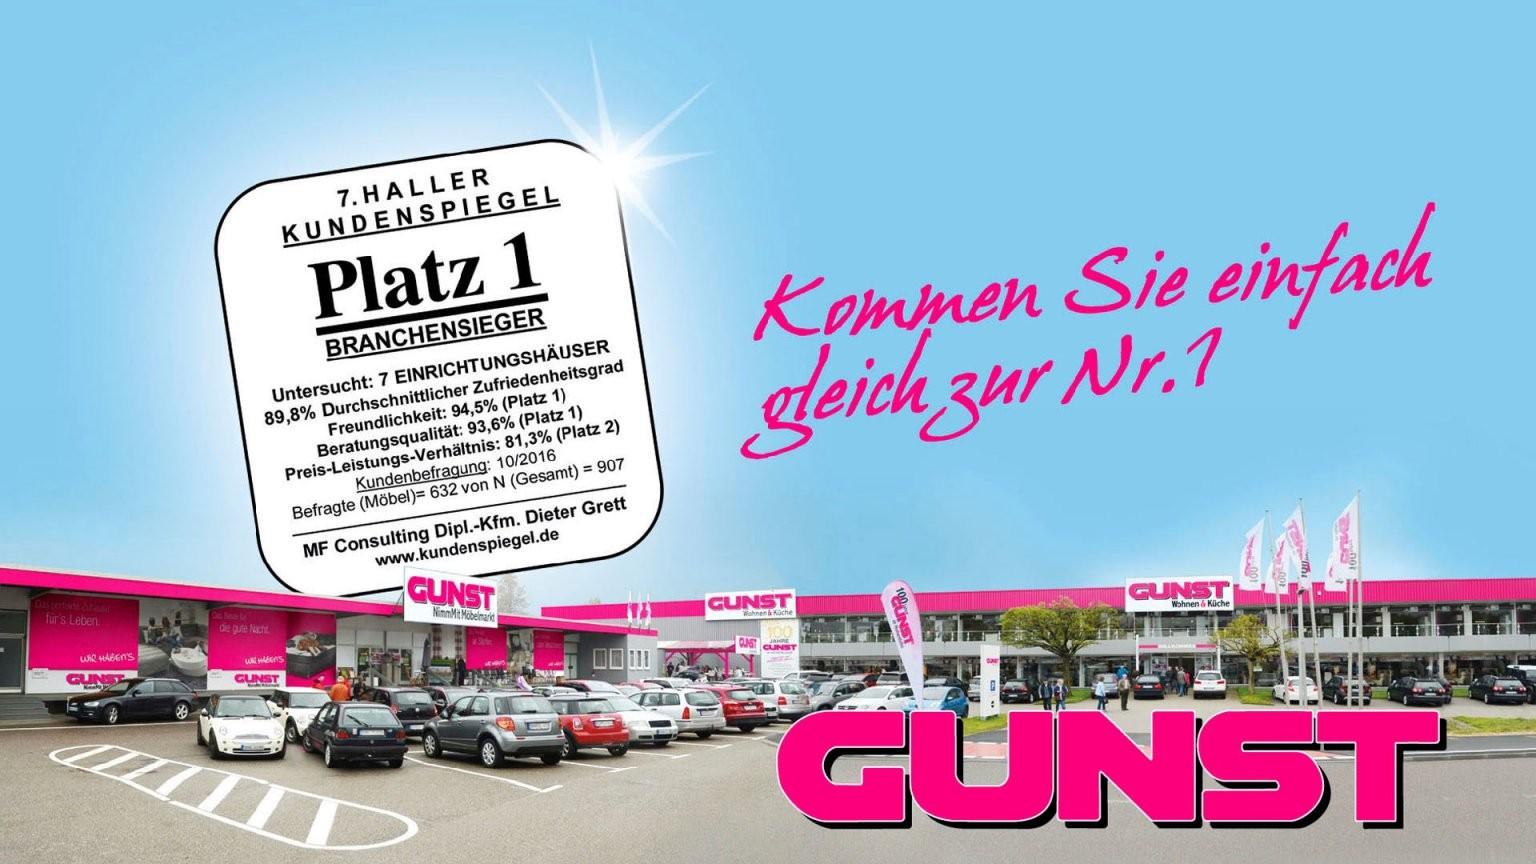 Topplätze Beim Schwäbisch Haller Kundenspiegel  Gunstgunst von Möbel Gunst Schwäbisch Hall Photo